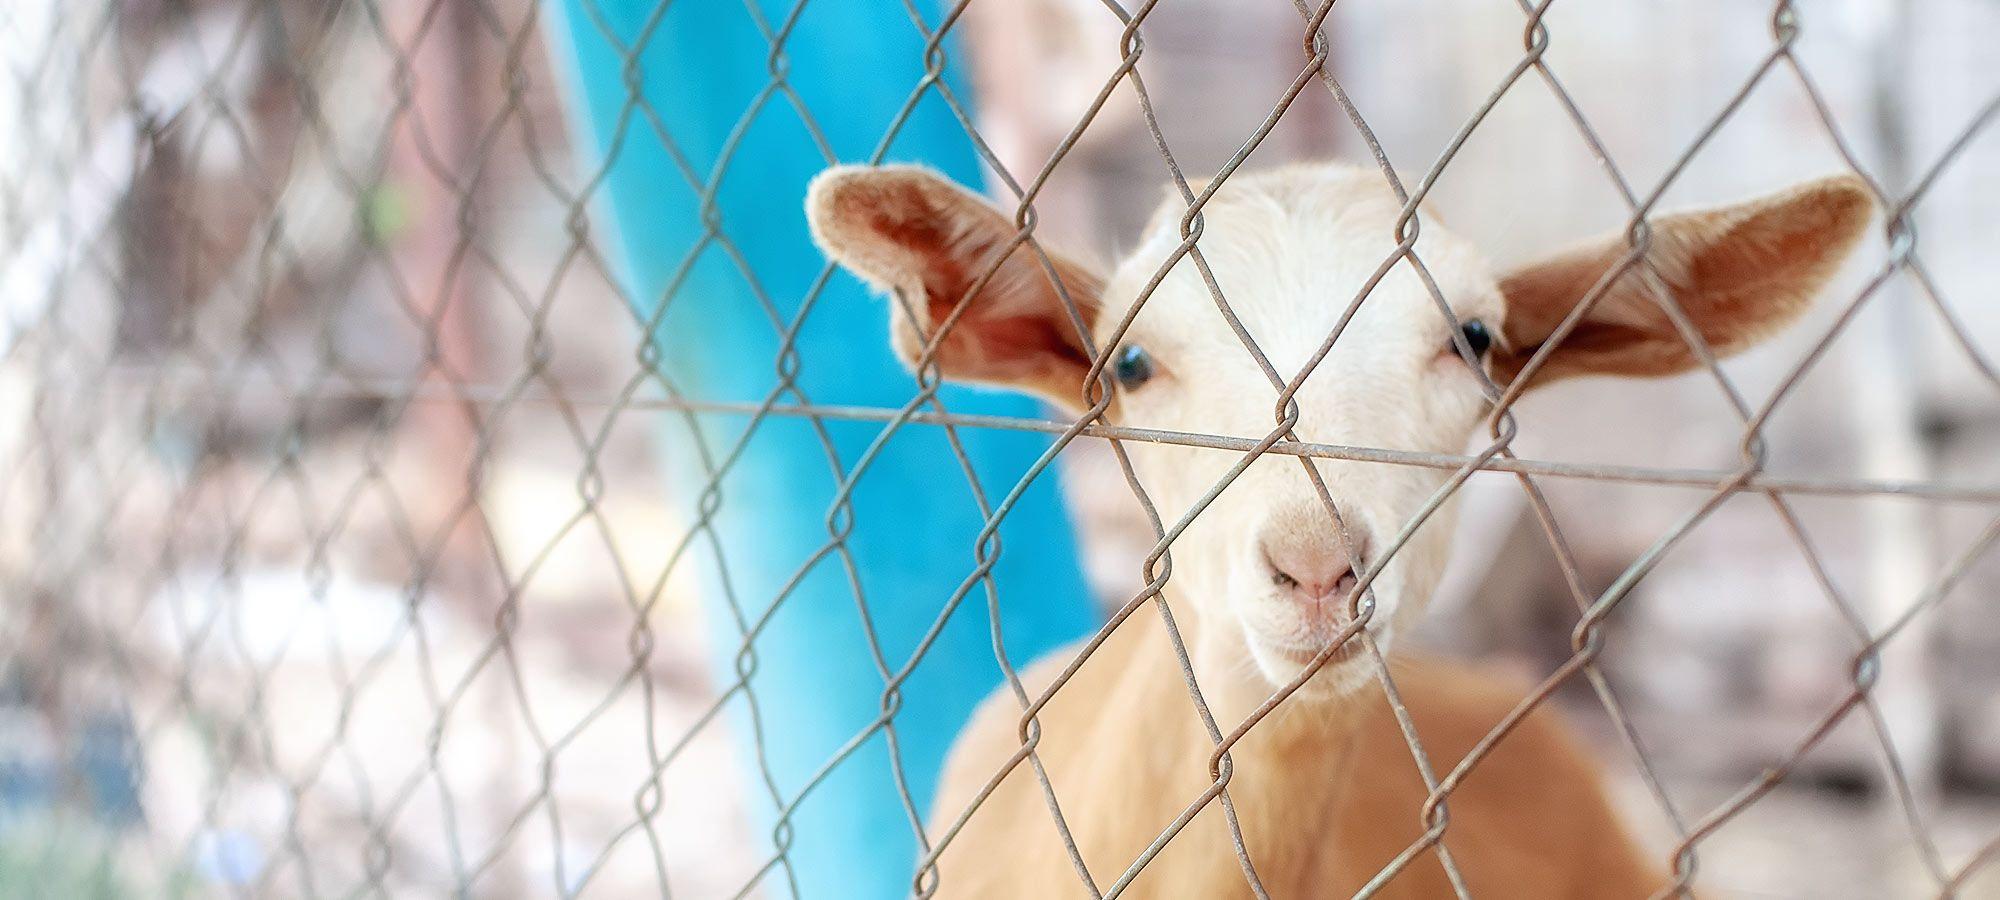 Schaf hinter Gittern